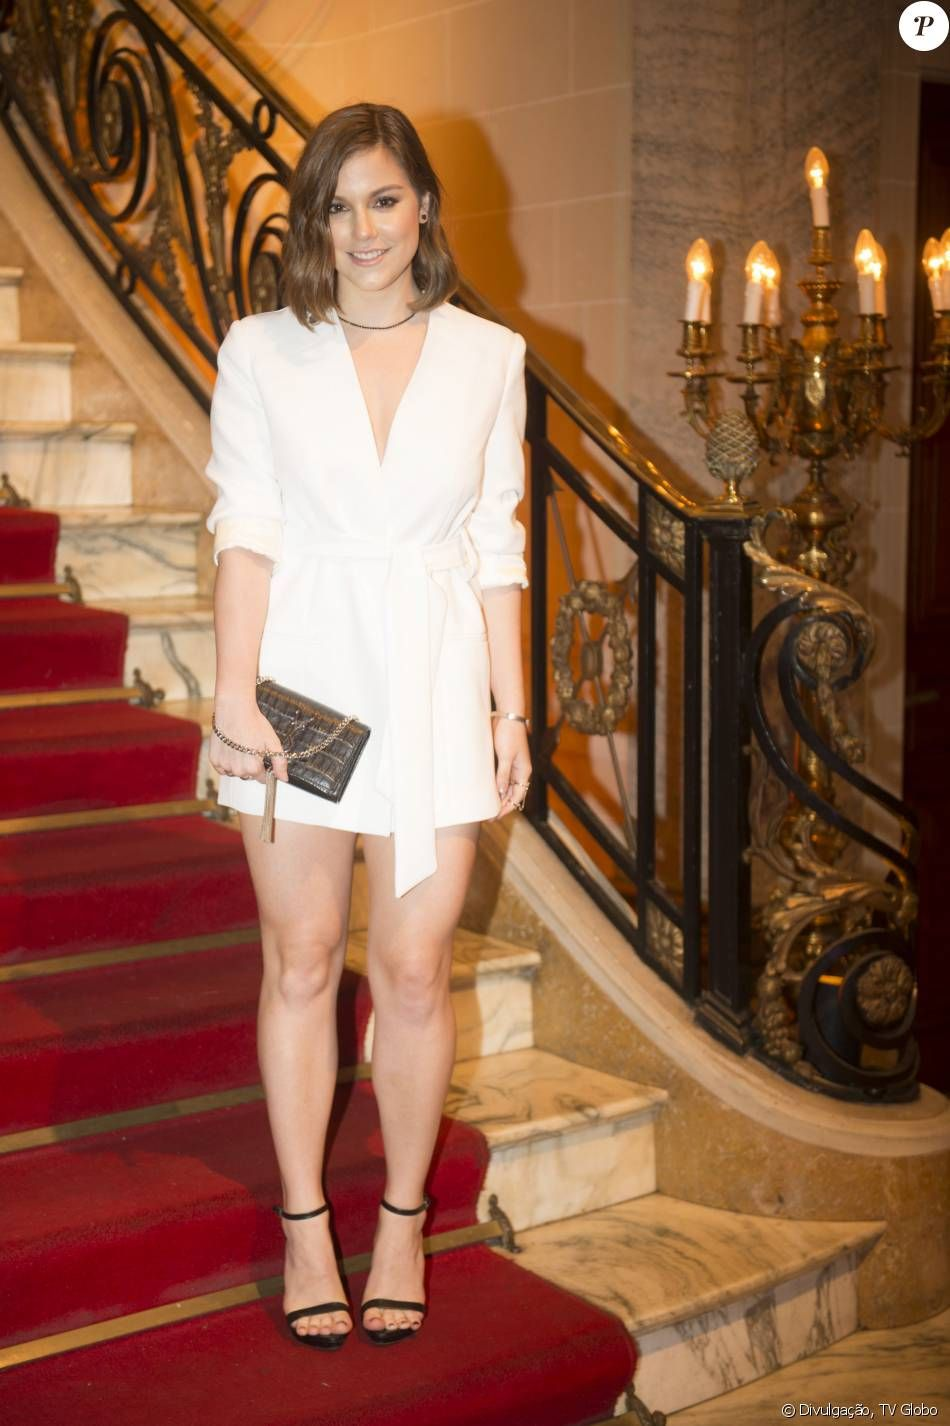 a12c898d51d Alice Wegmann investiu em look total white para o lançamento da série  Ligações  Perigosas . A atriz apostou em vestido branco Giuliana Romanno